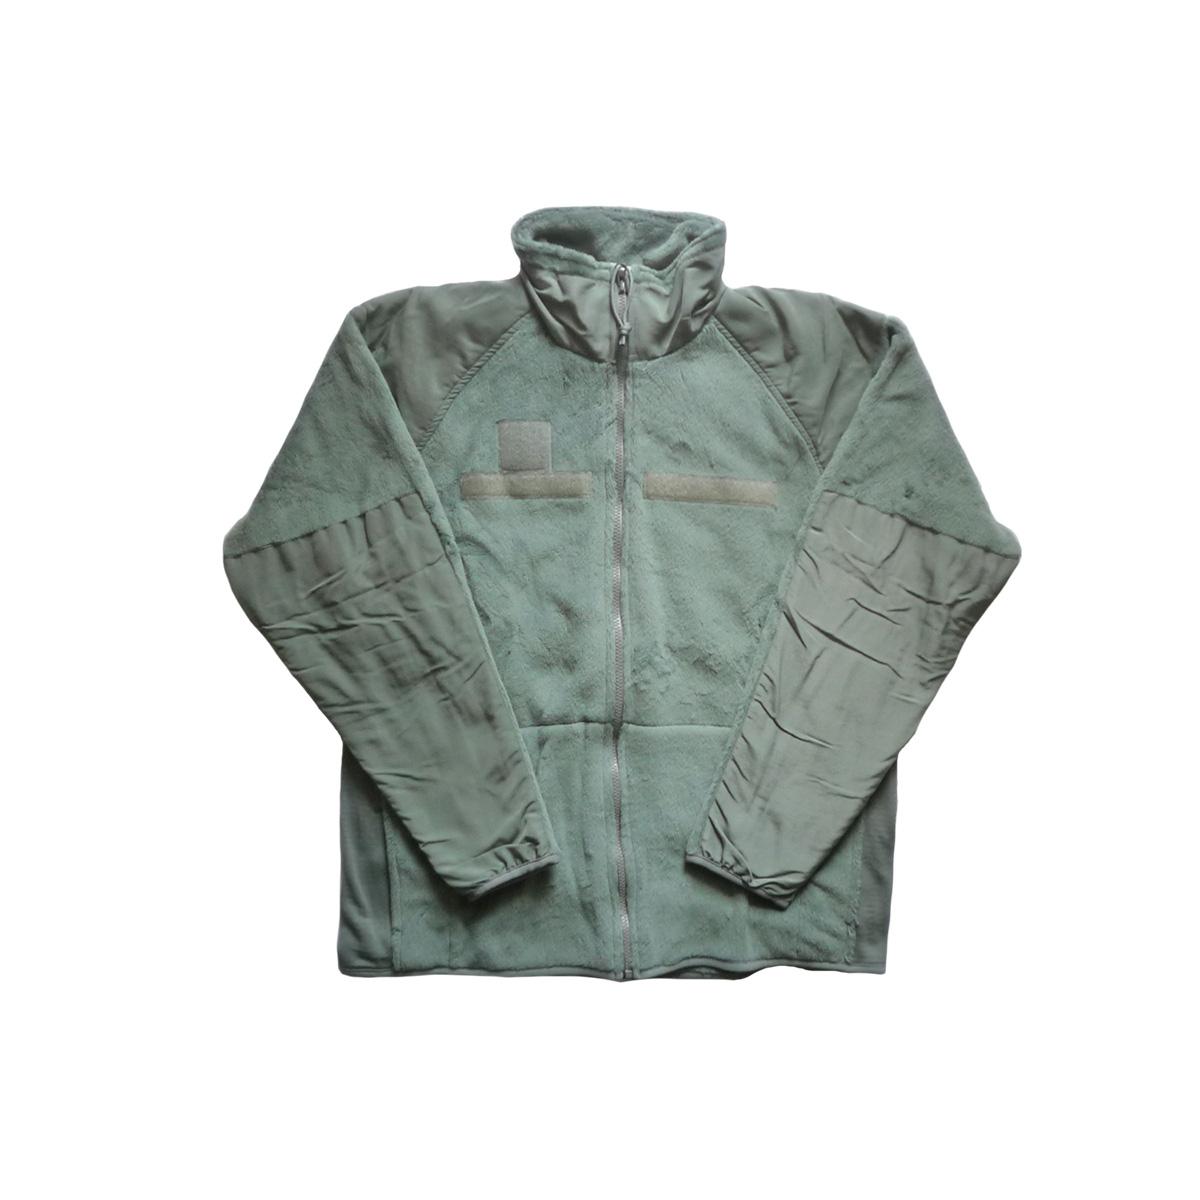 画像1: 【雑誌GO OUT掲載】GI GENERATIONAL 米軍 ECWCS POLARTEC フリースジャケット メンズ OLIVE (1)